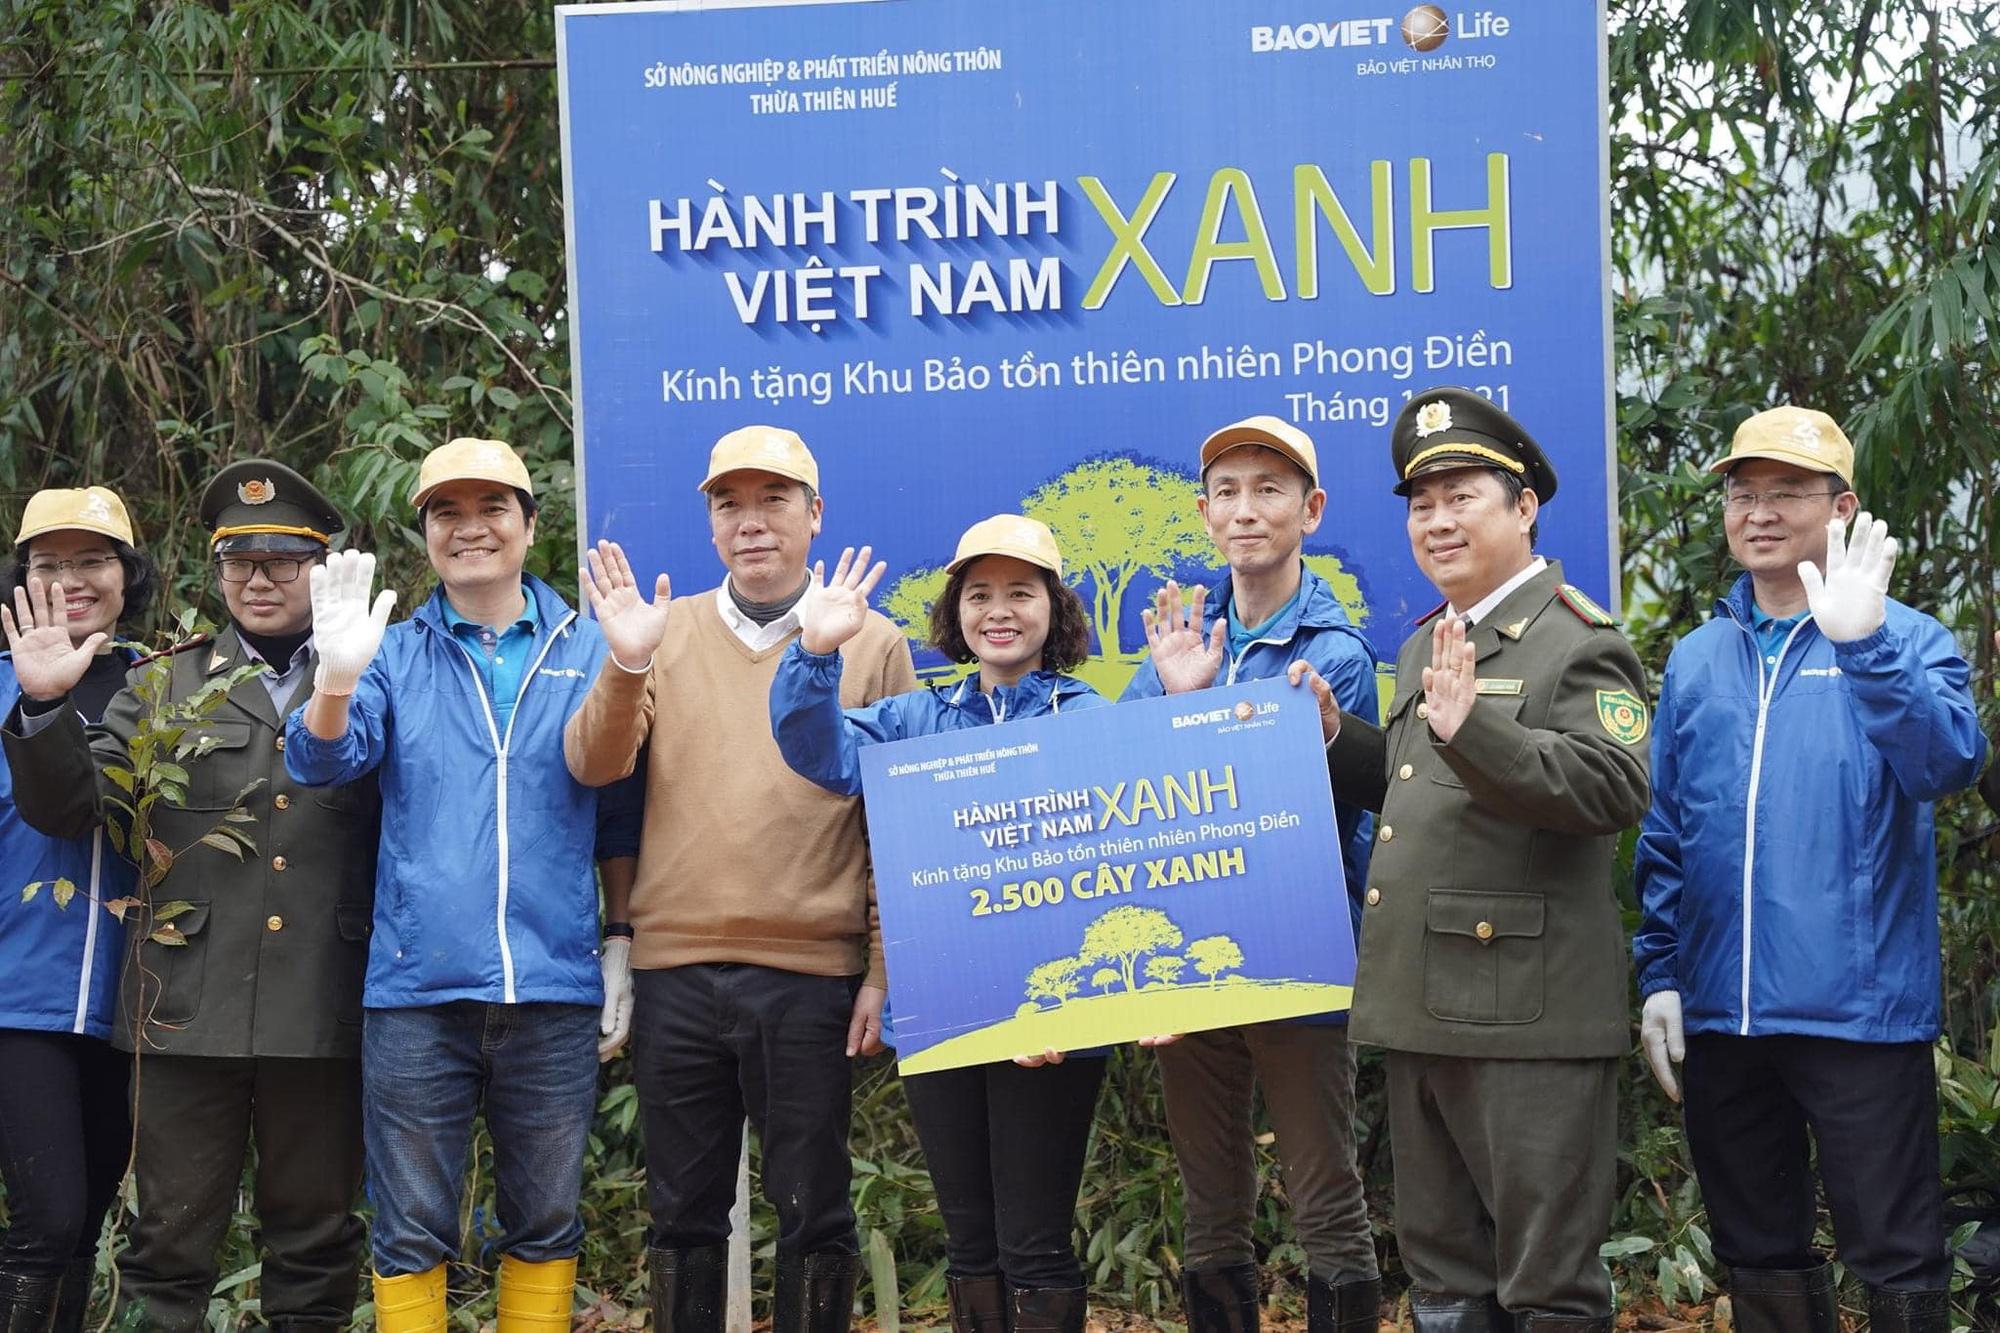 Trồng 2.500 cây gỗ bản địa đầu tiên tại Khu bảo tồn thiên nhiên Phong Điền - Ảnh 3.